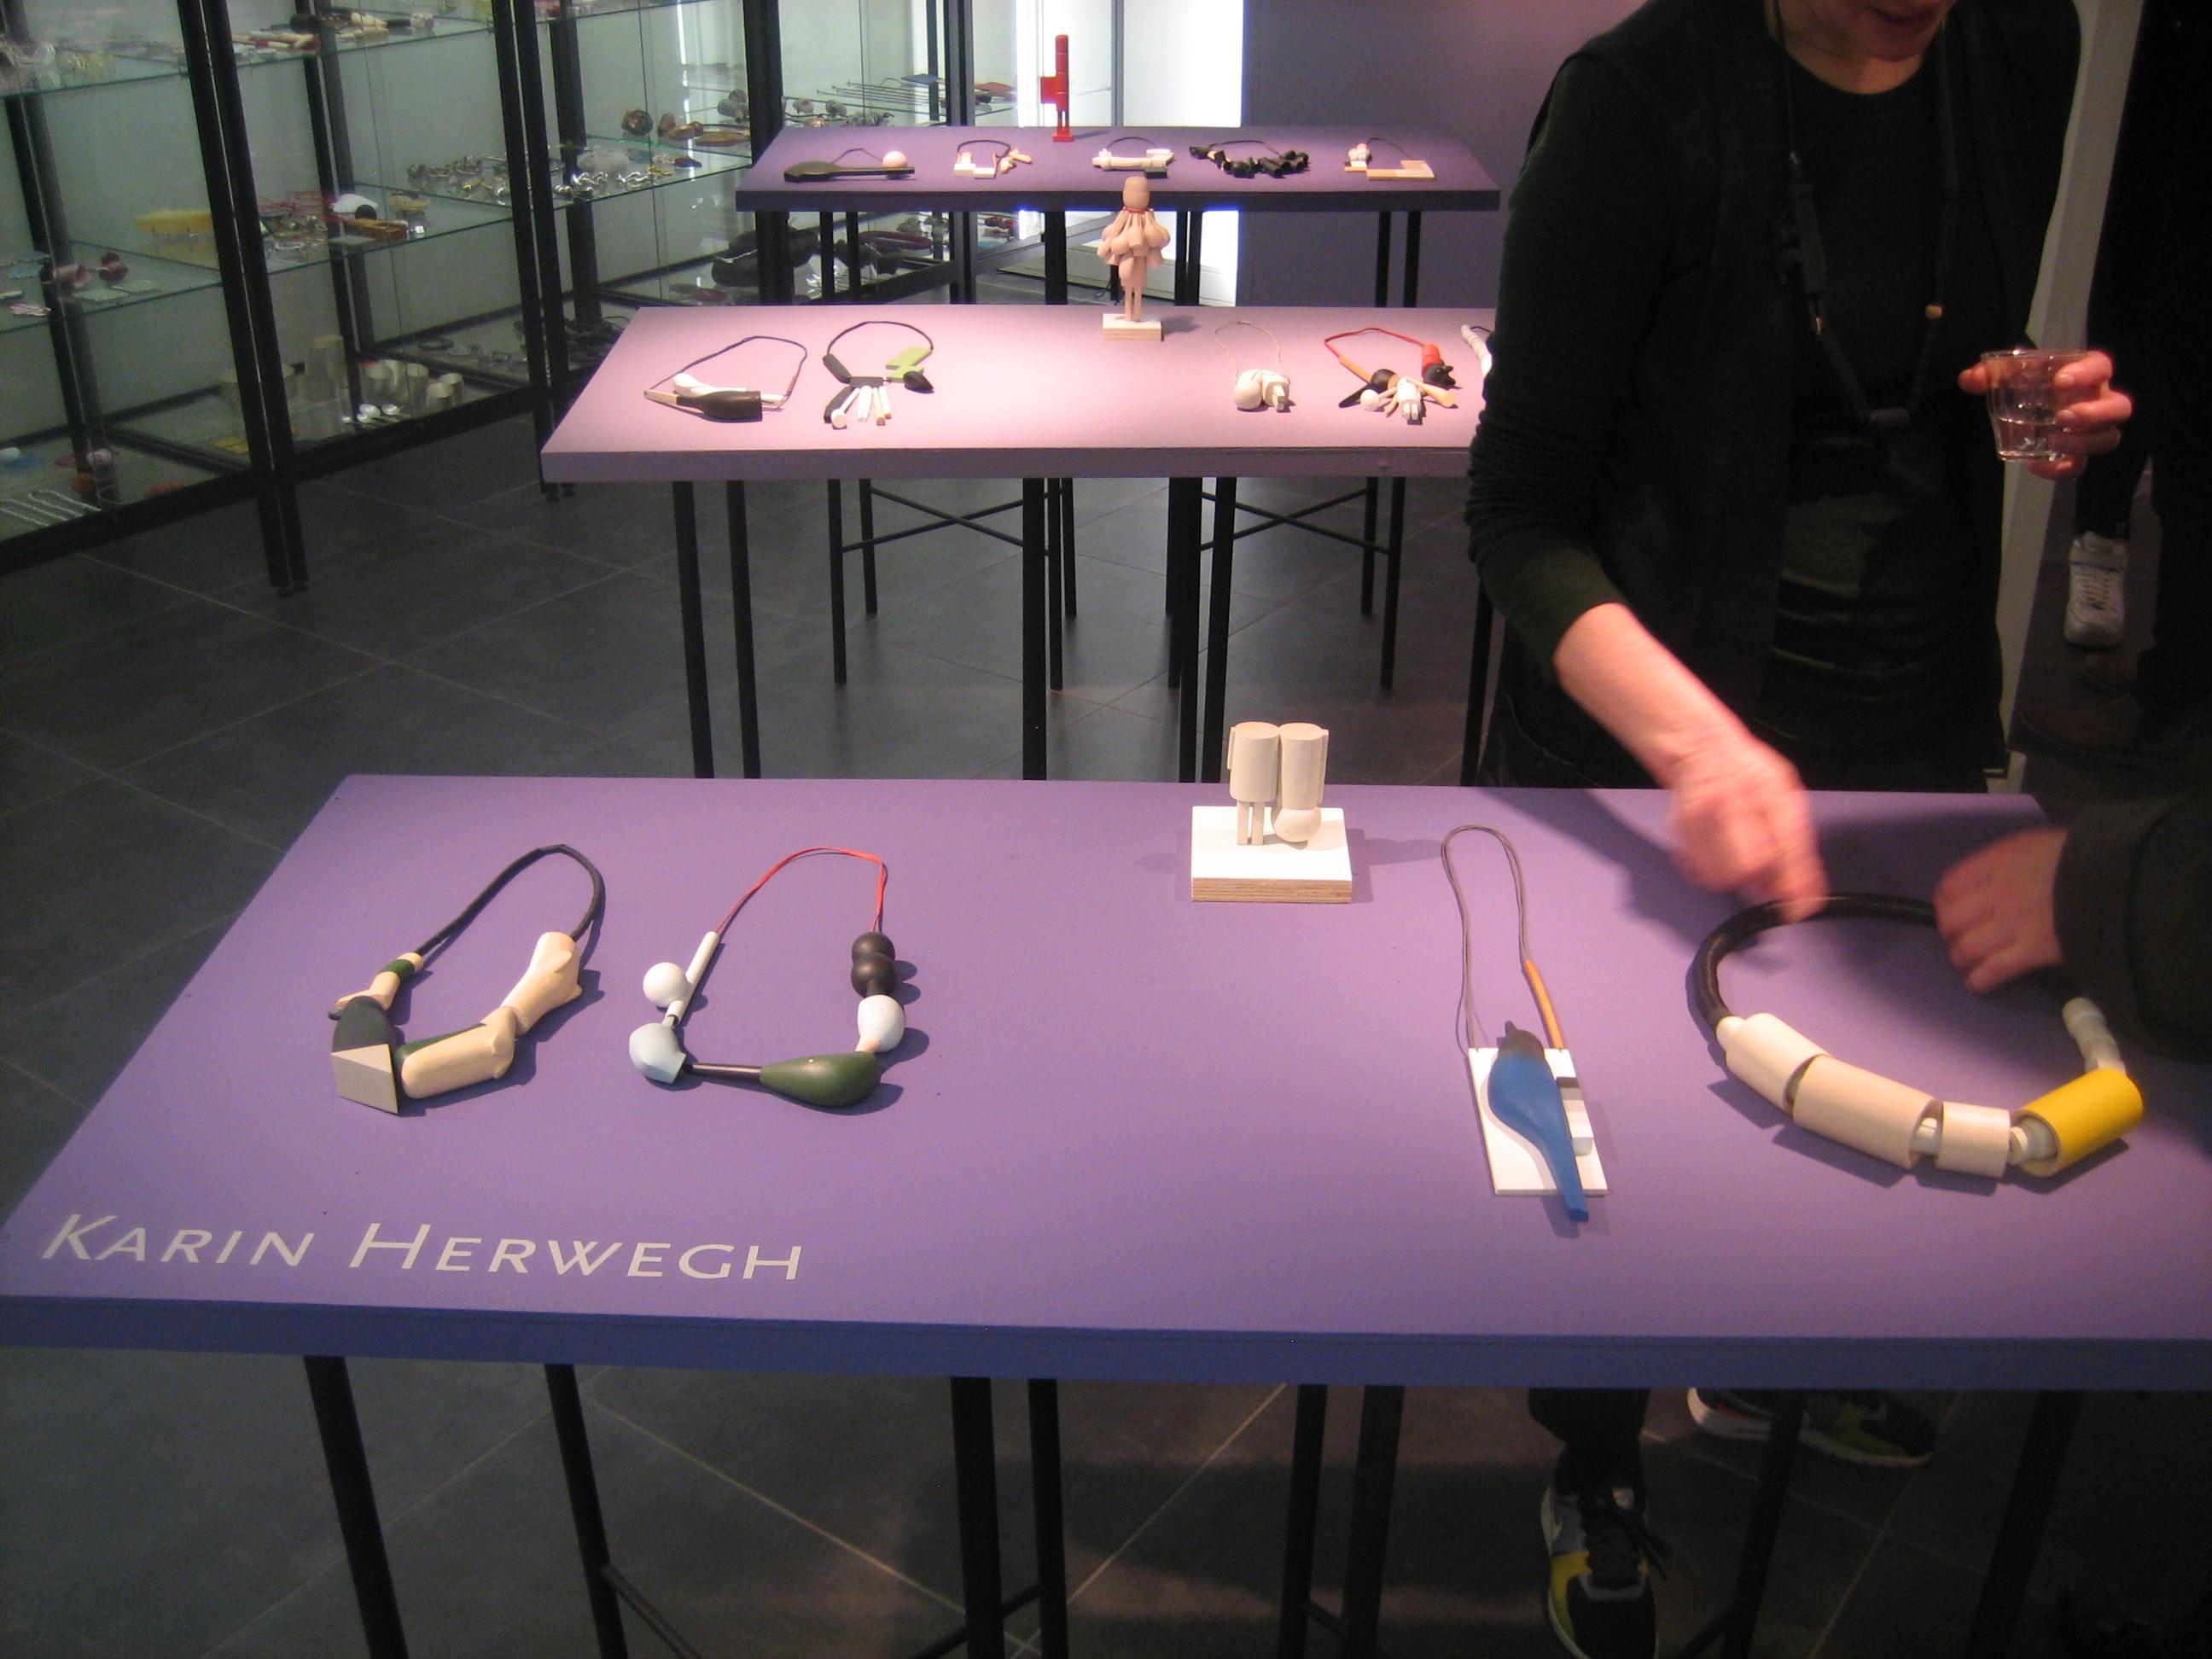 Karin Herwegh in Galerie Ra, 2019, tentoonstelling, halssieraden, hout, textiel, verf